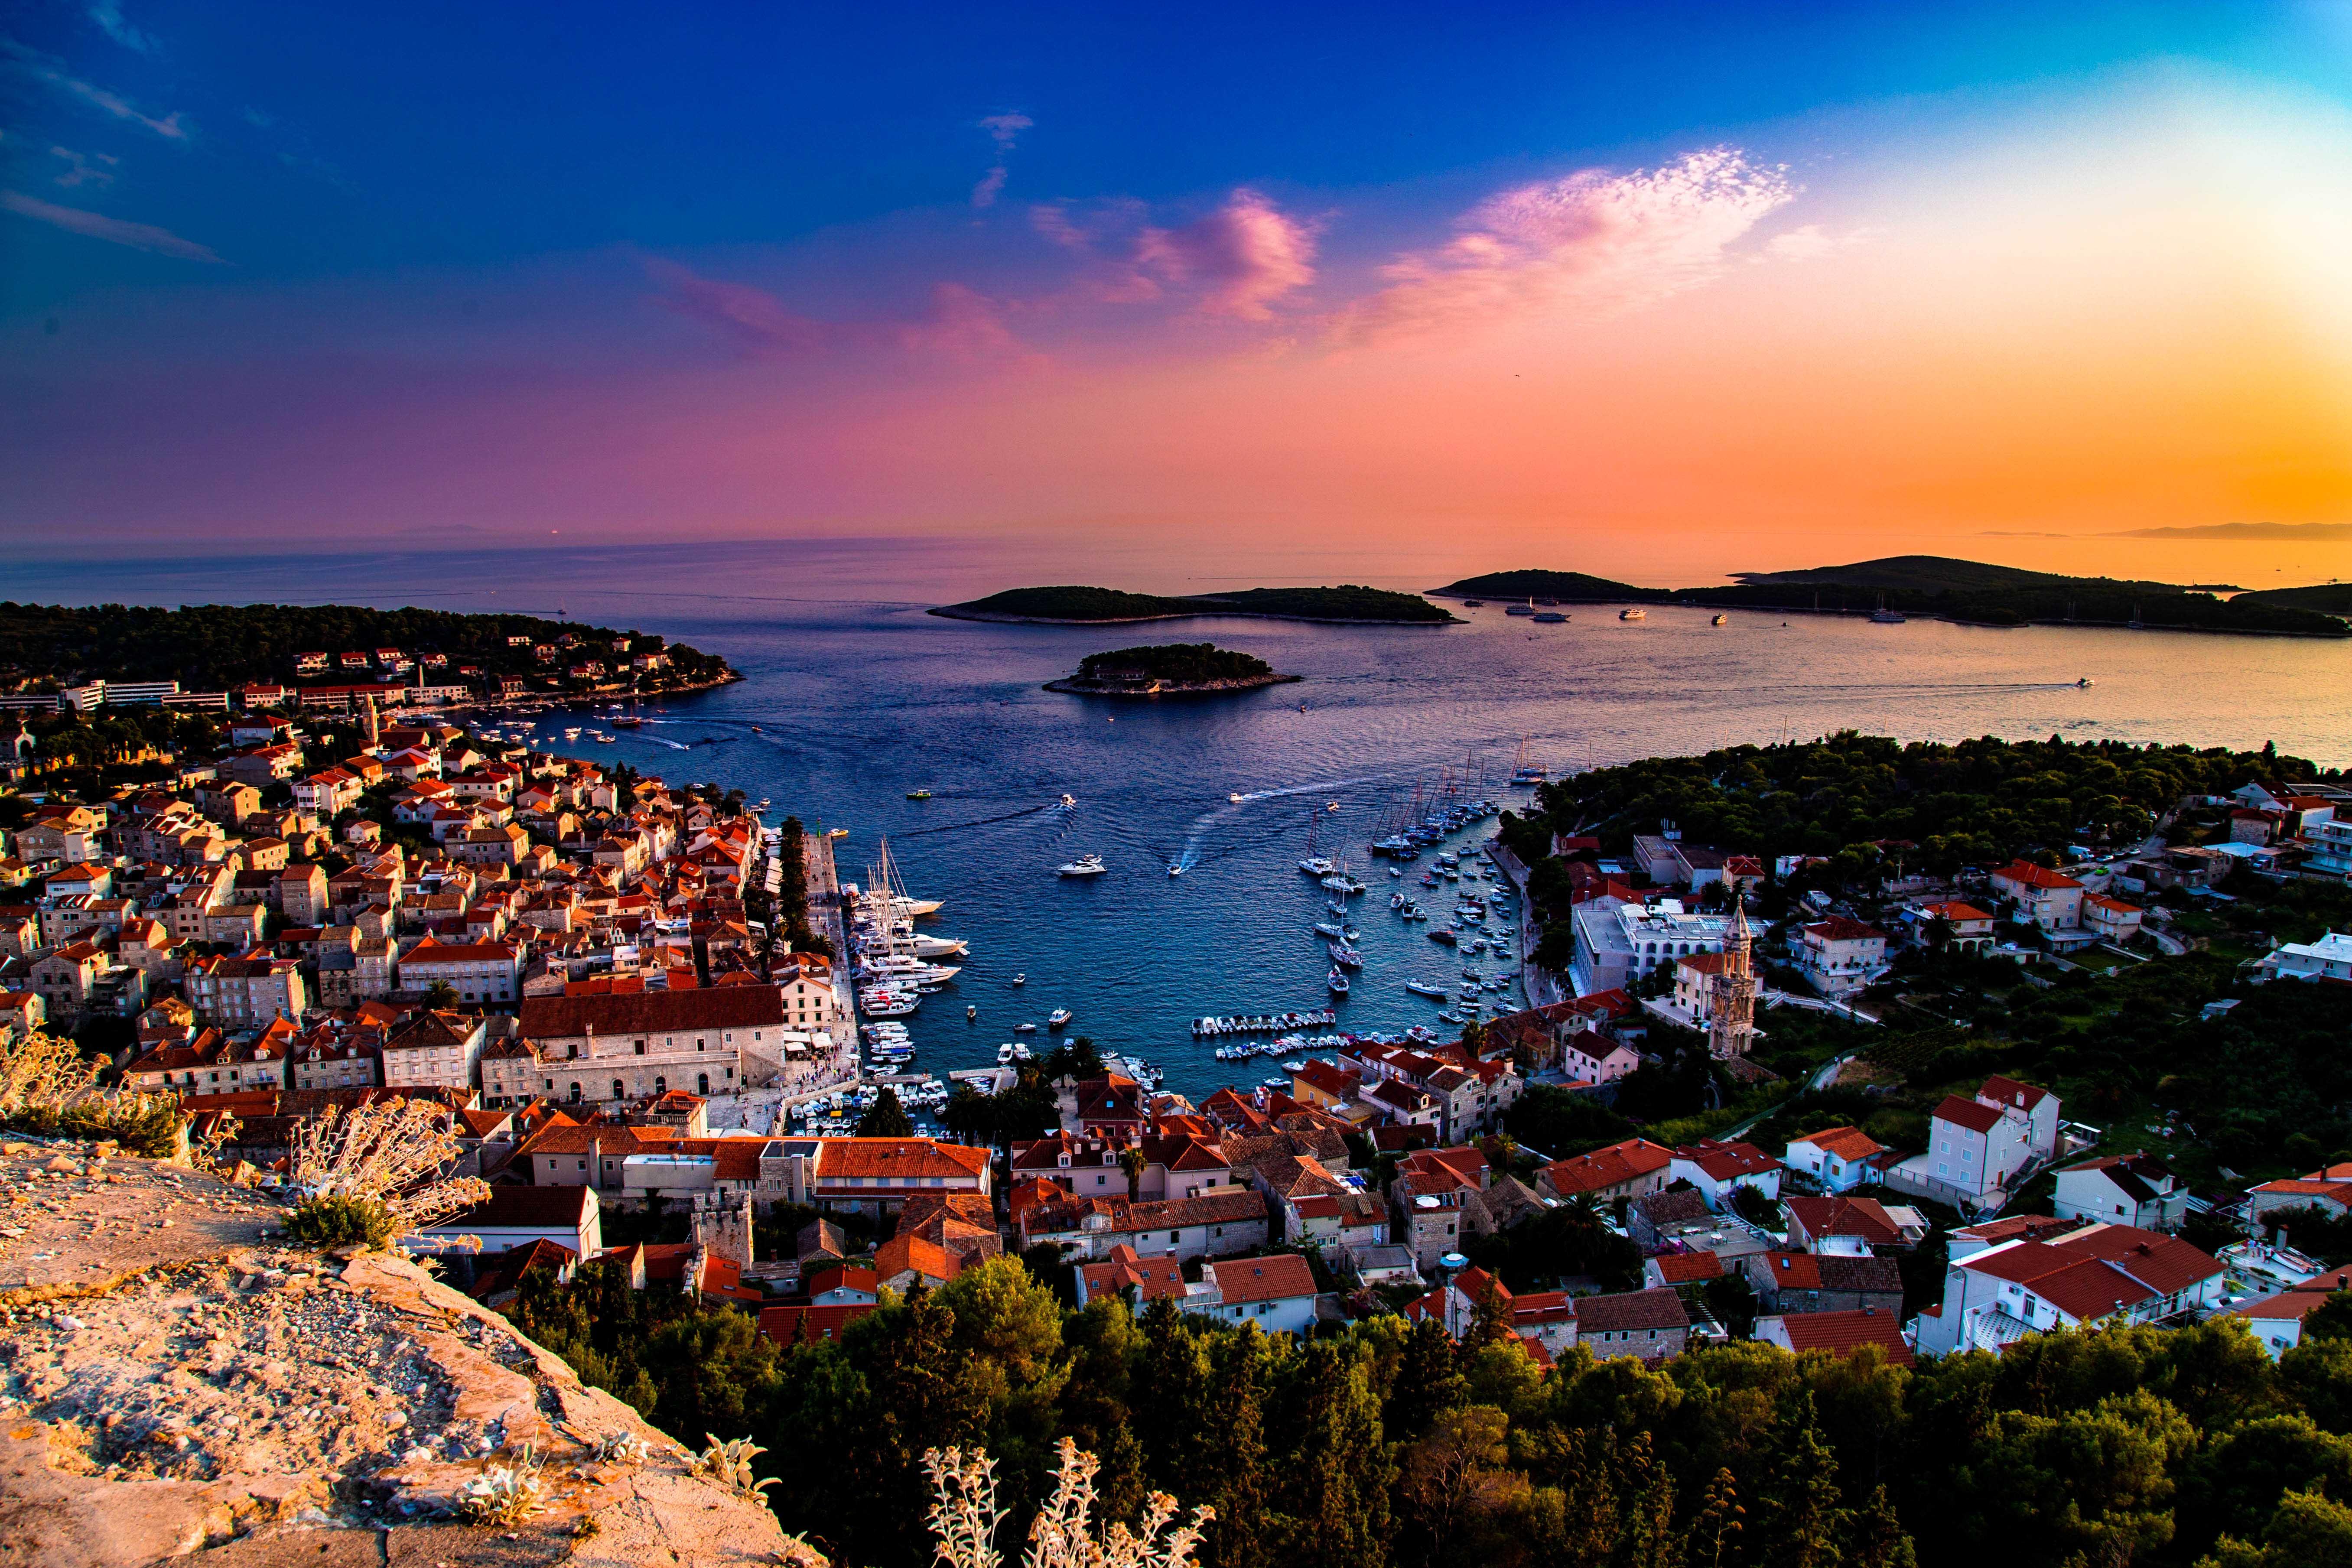 Sonnenuntergang auf der Insel Hvar mit einem bunten Himmel